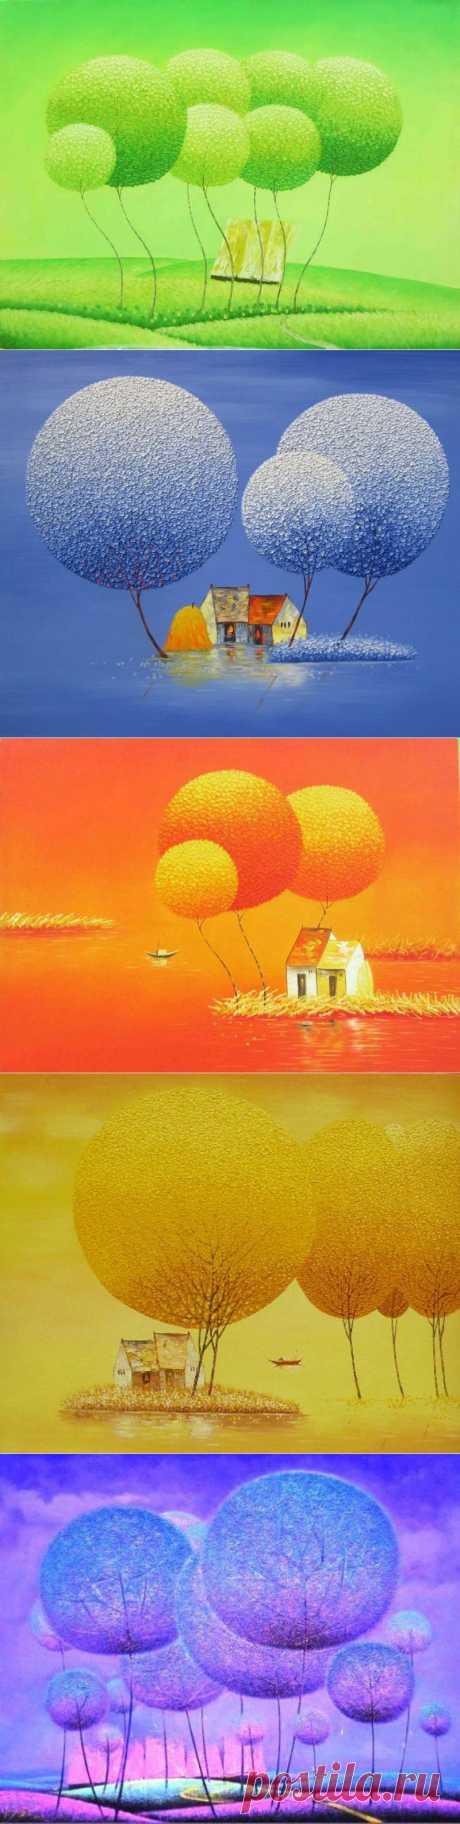 Дерево-одуванчик, дерево-шар. Необычные пейзажи в творчестве Ву Цун Дьен (Vu Cong Dien).